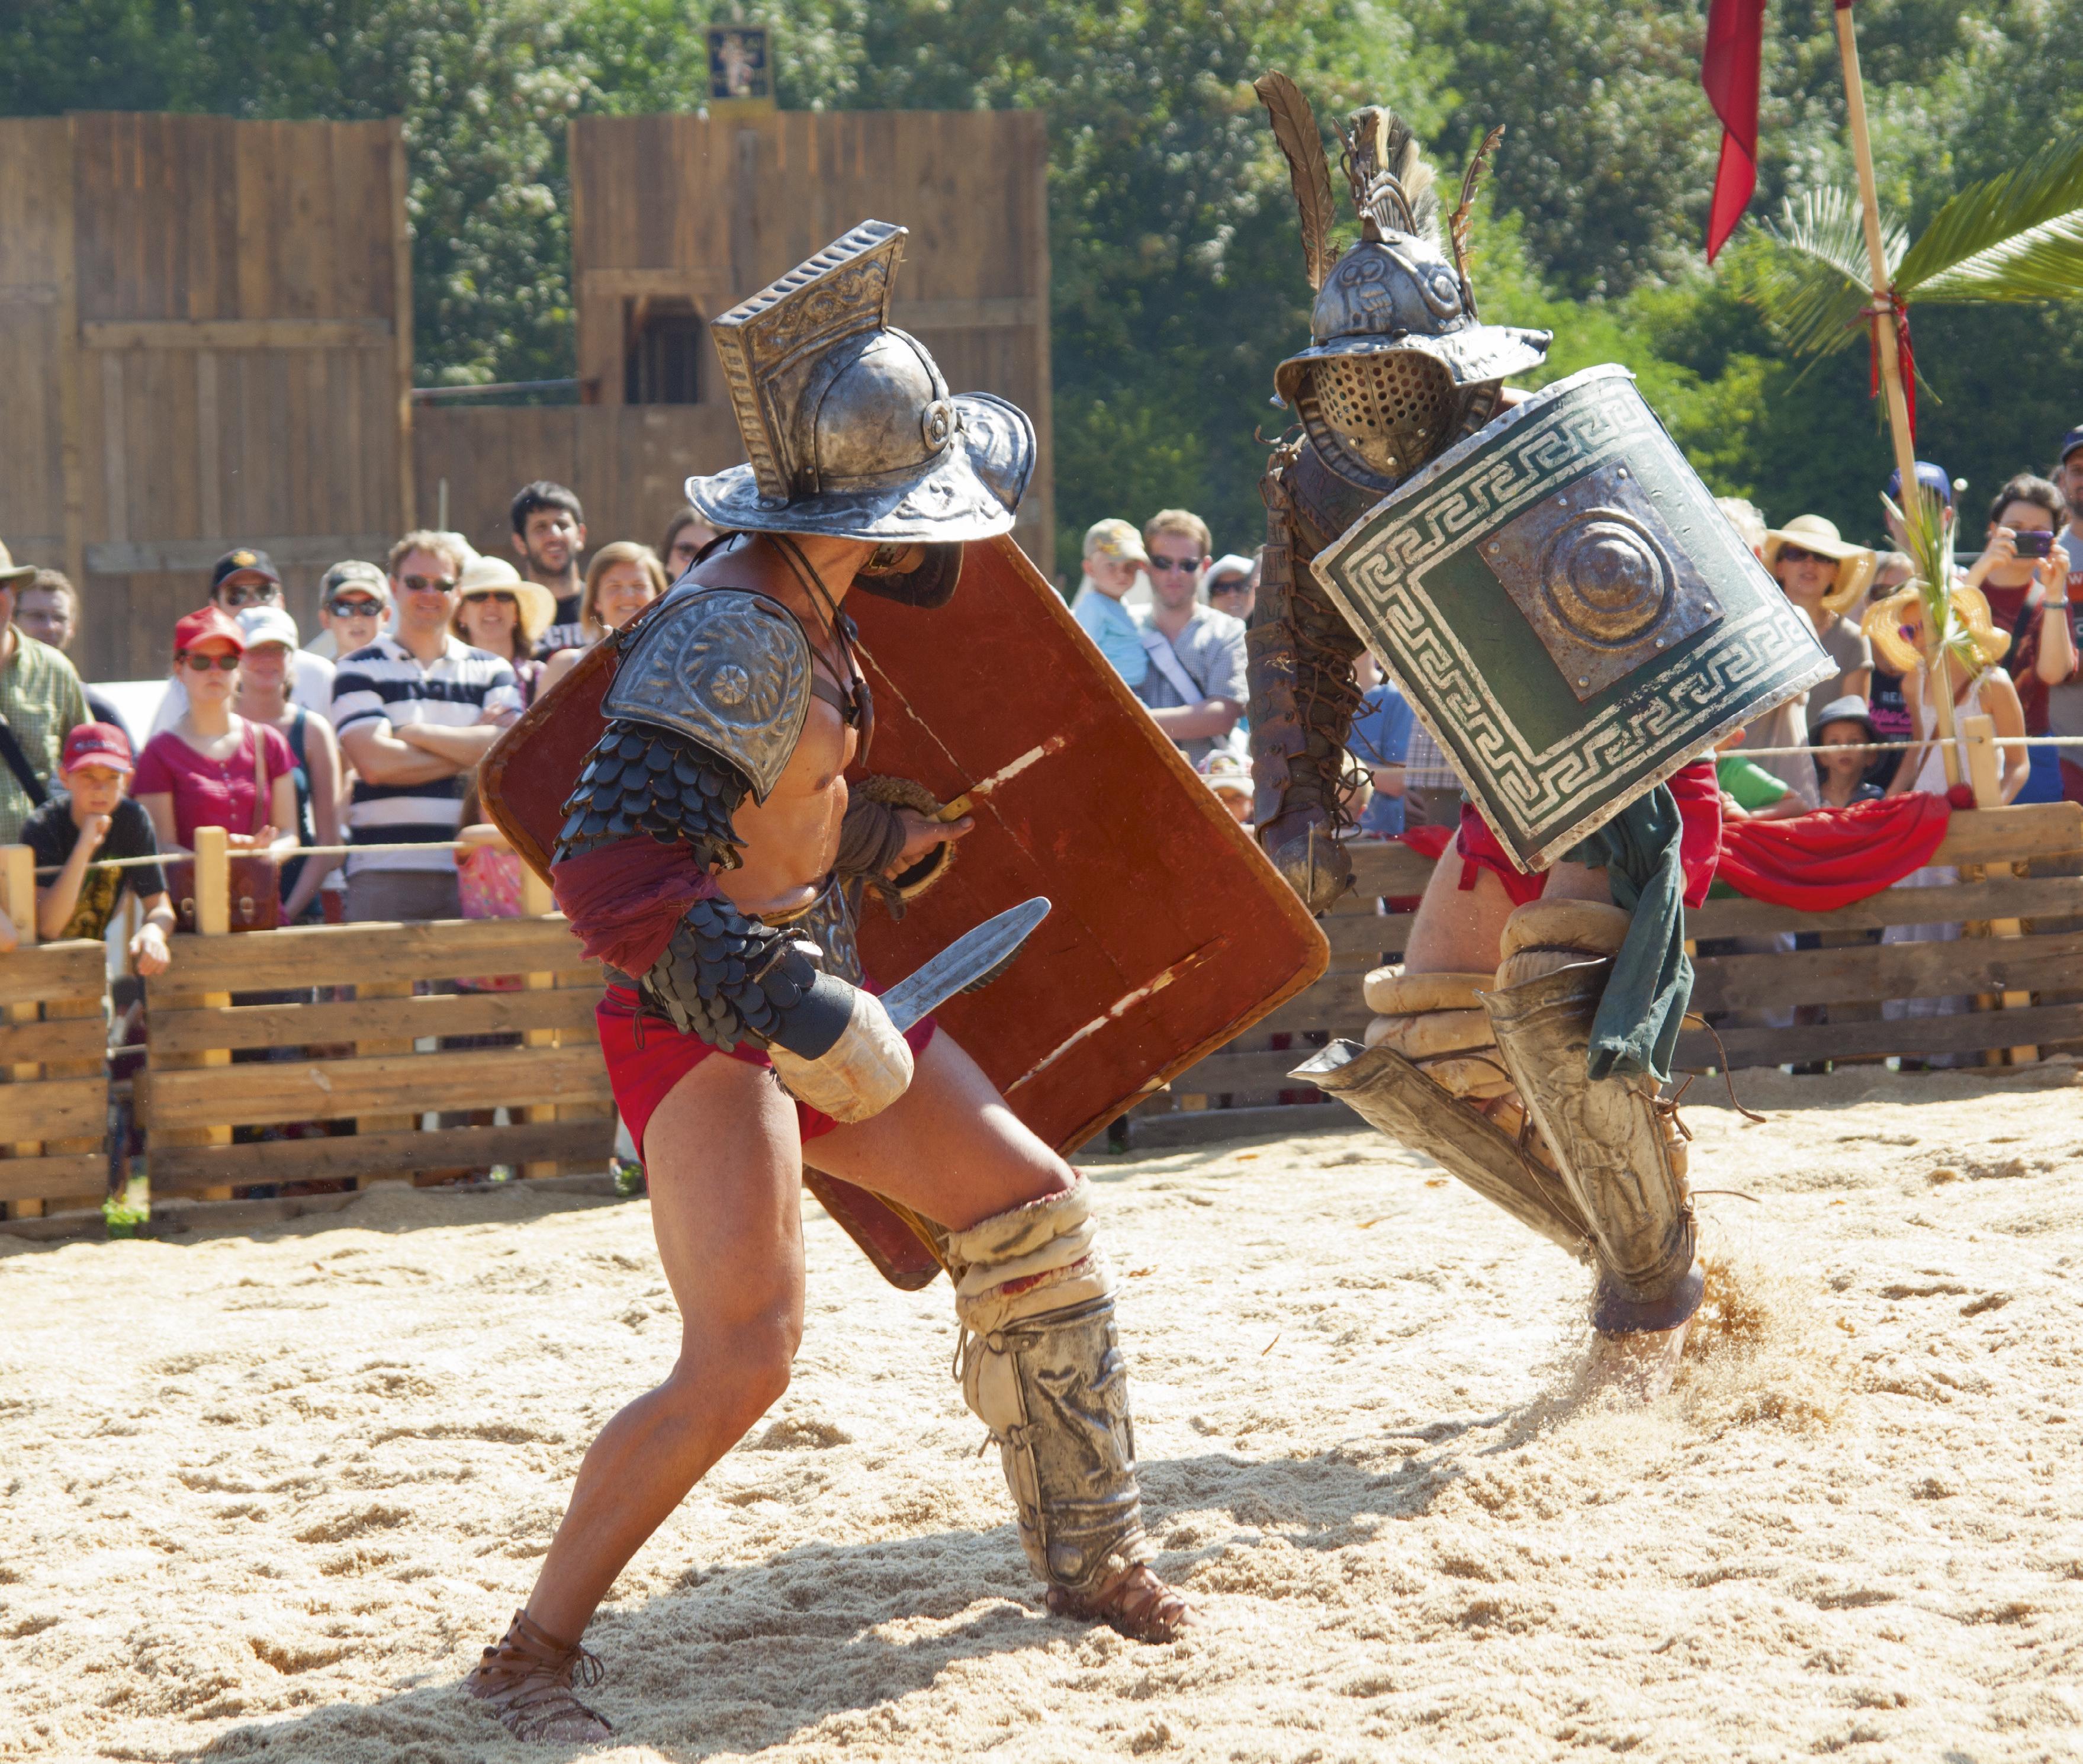 Gladiatoren im Kampf